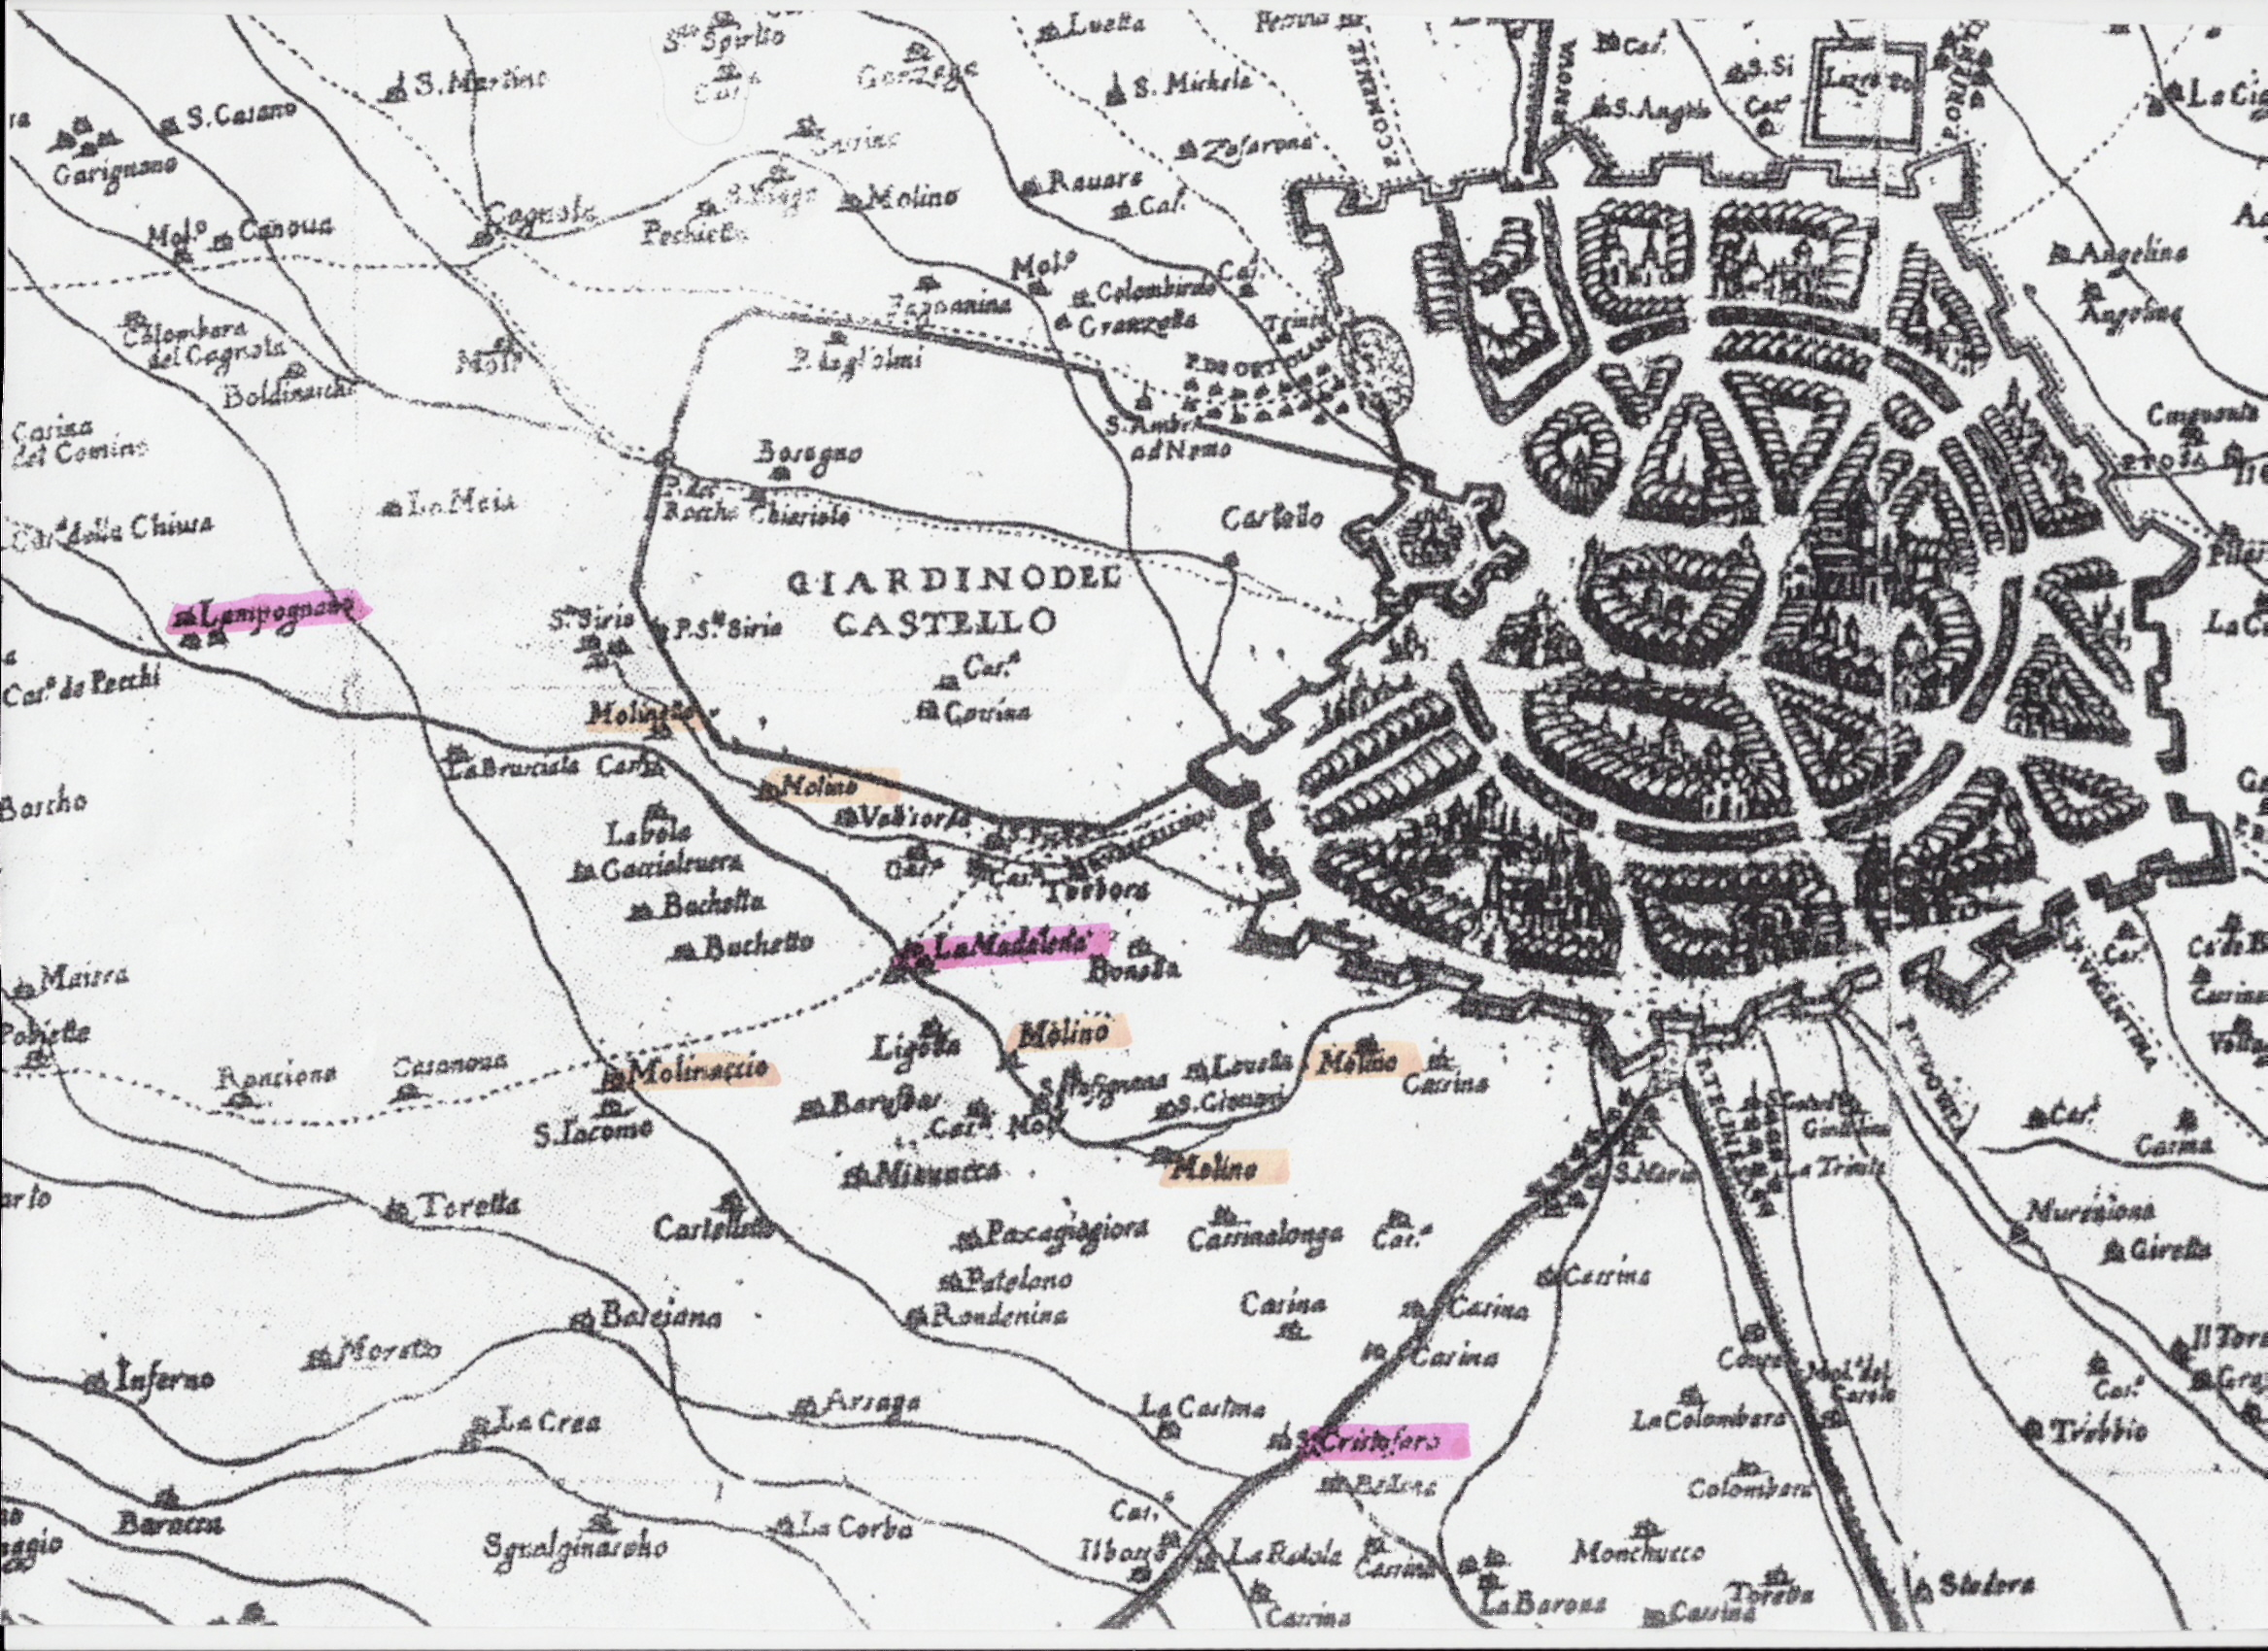 Questa mappa della Milano del XVI sec., ci illustra anche l'ampiezza del barcho circondato da mura.